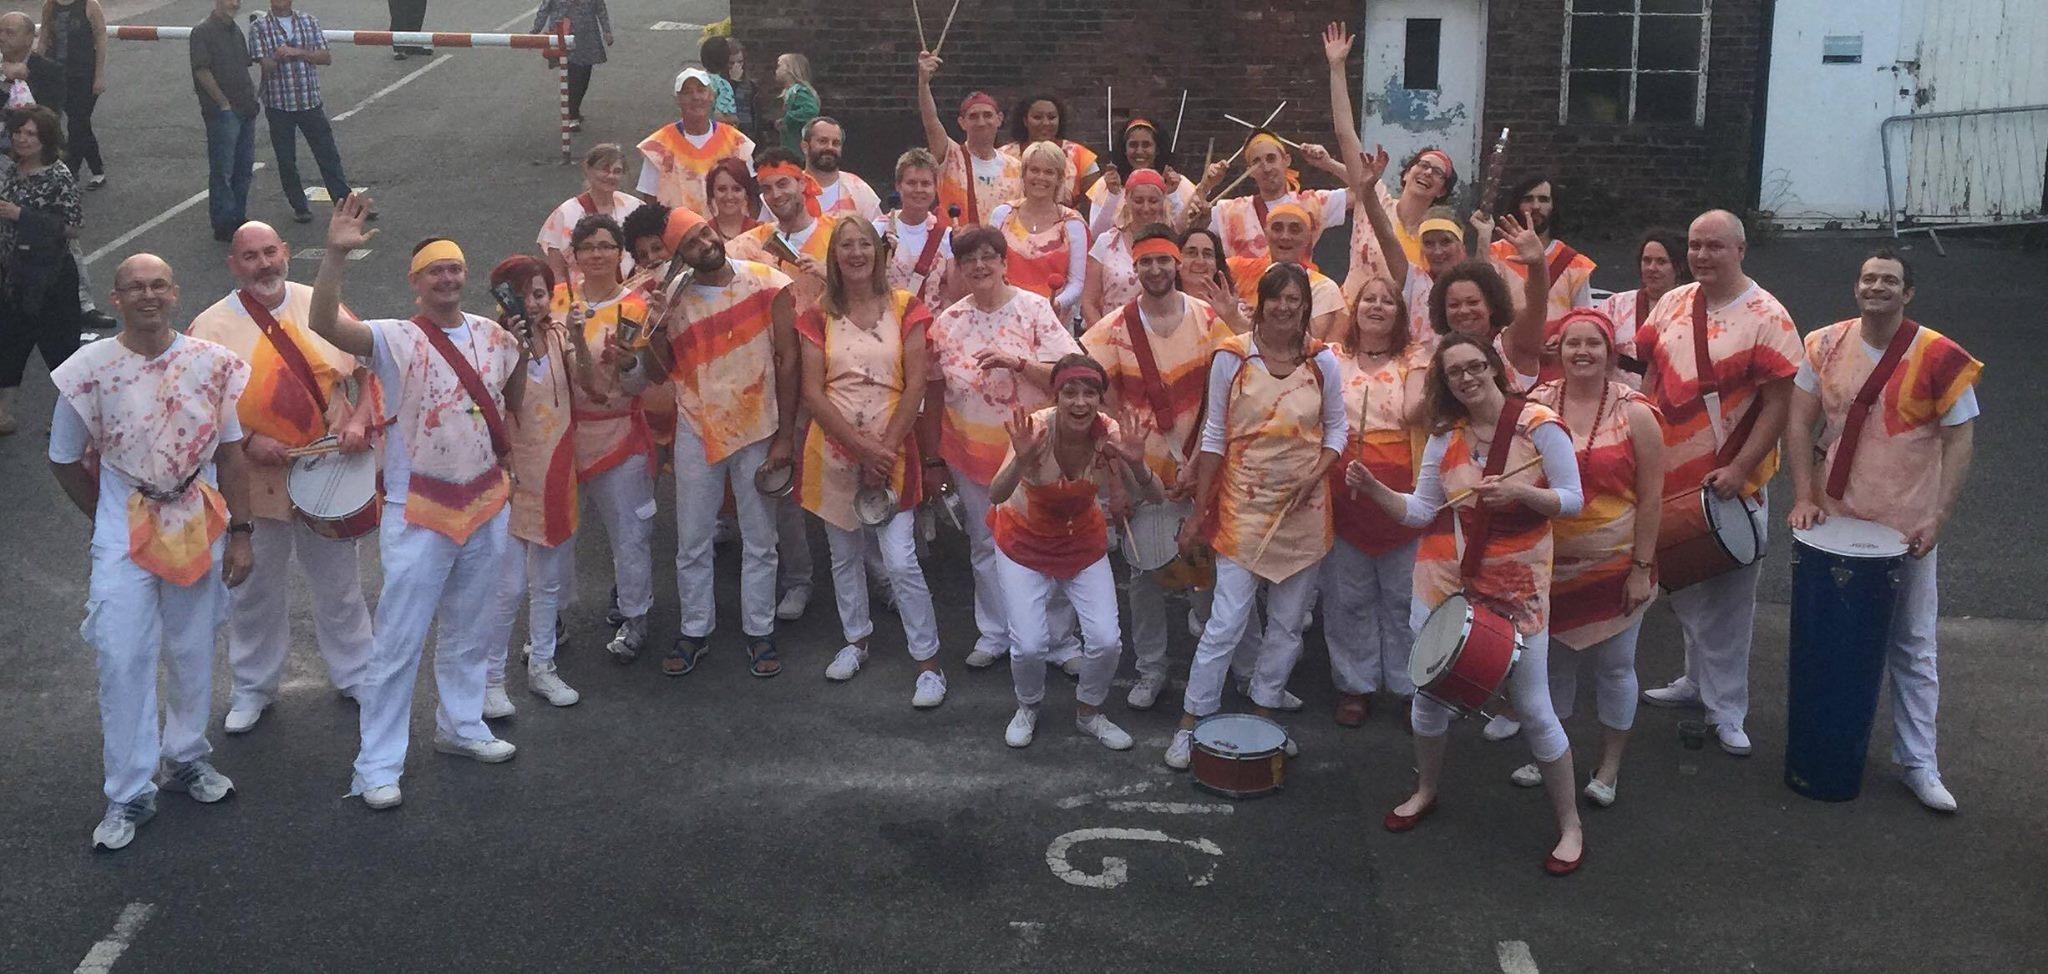 Tres Cidade - Group photo